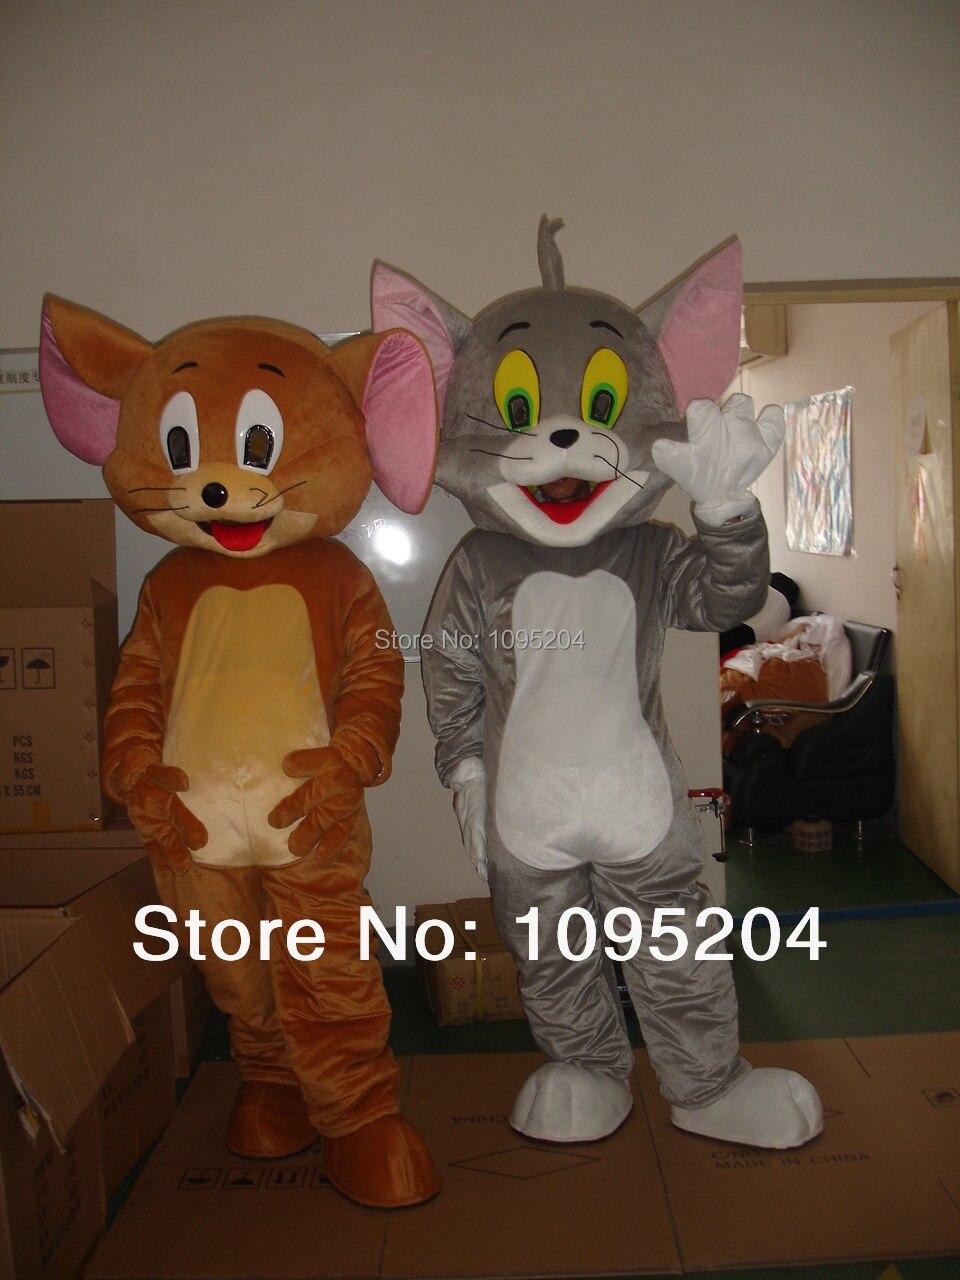 Tom chat et geely souris dessin animé geely souris mascotte costume dessin animé vêtements pour la livraison gratuite